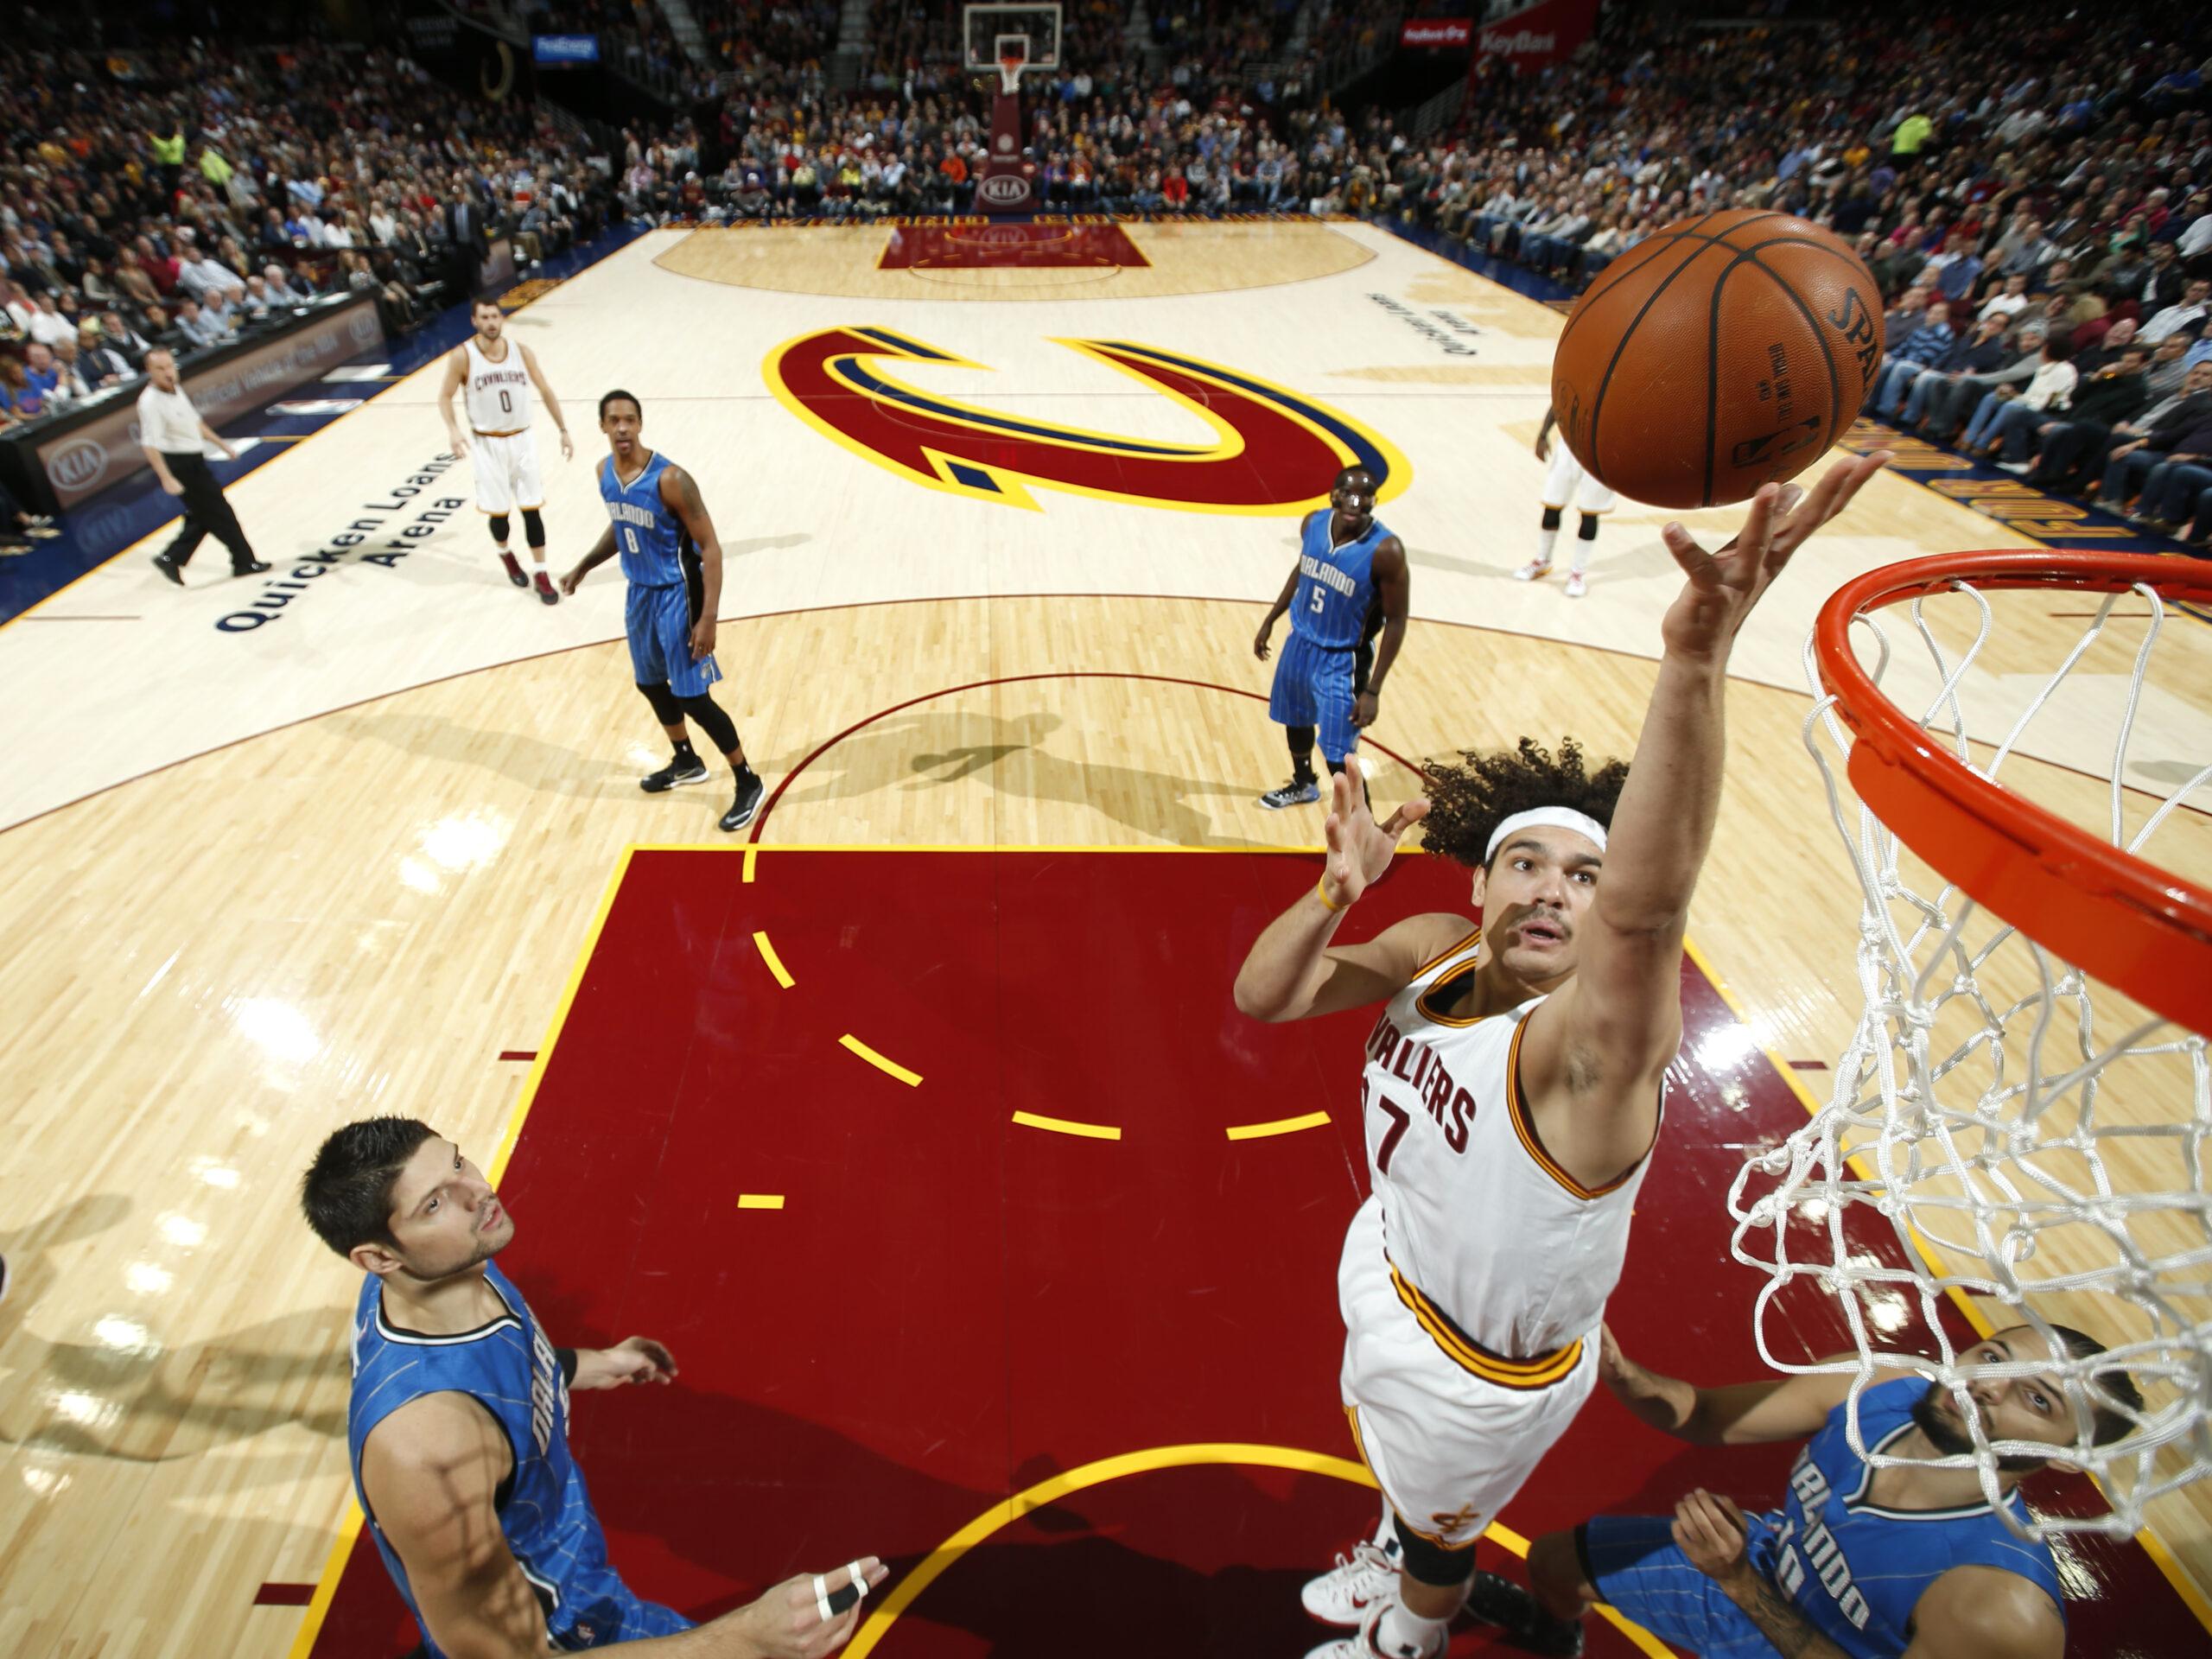 Foto: Gregory Shamus/NBAE via Getty Images)